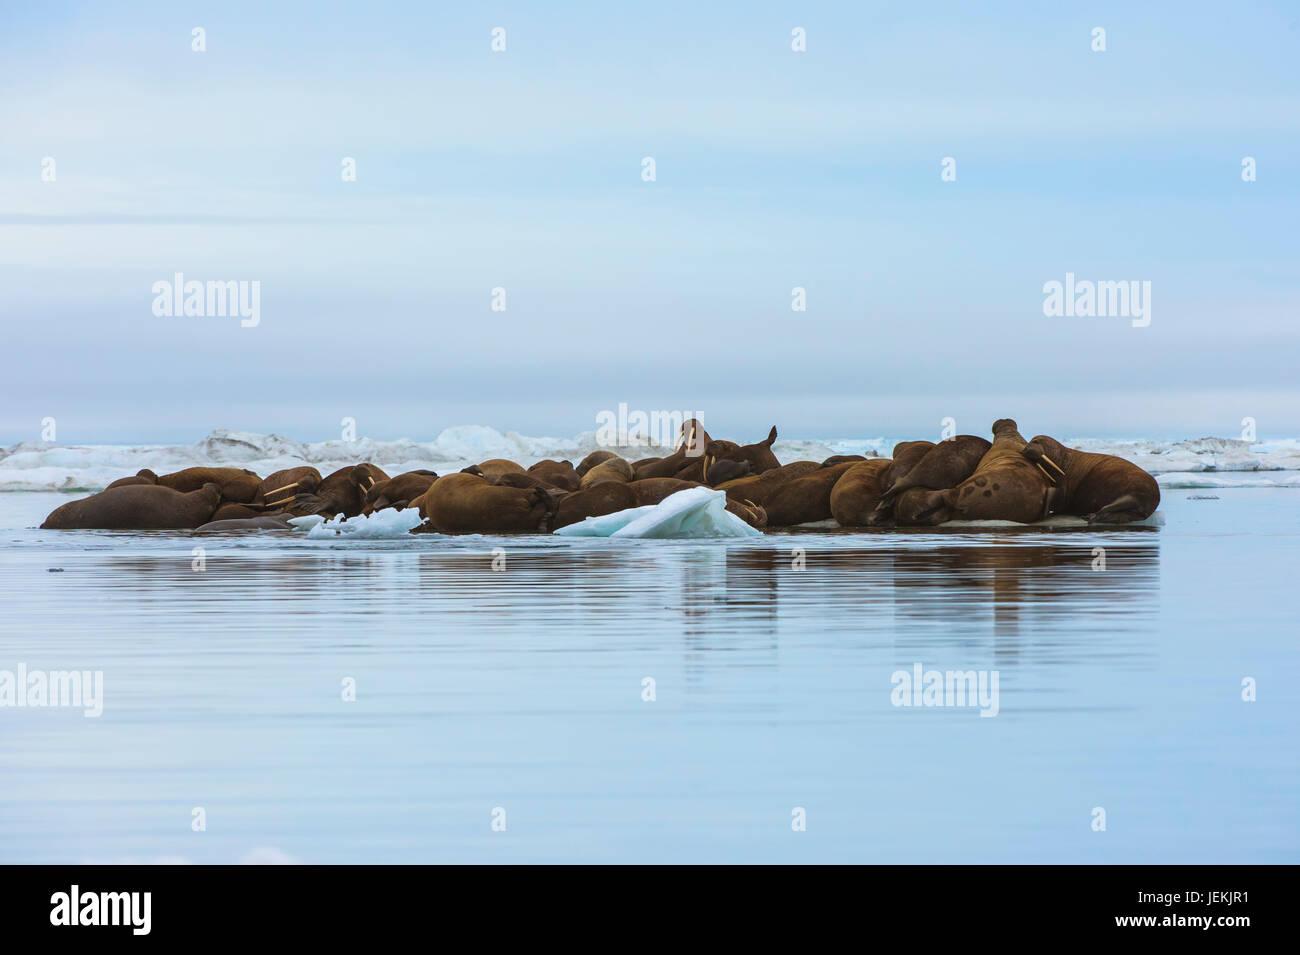 Grupo de morsas (Odobenus rosmarus) descansa sobre un flujo de hielo, Krasin Bay, isla de Wrangel, Mar Chuckchi, Chukotka, Lejano Oriente ruso, la Unesco Heritag mundial Foto de stock